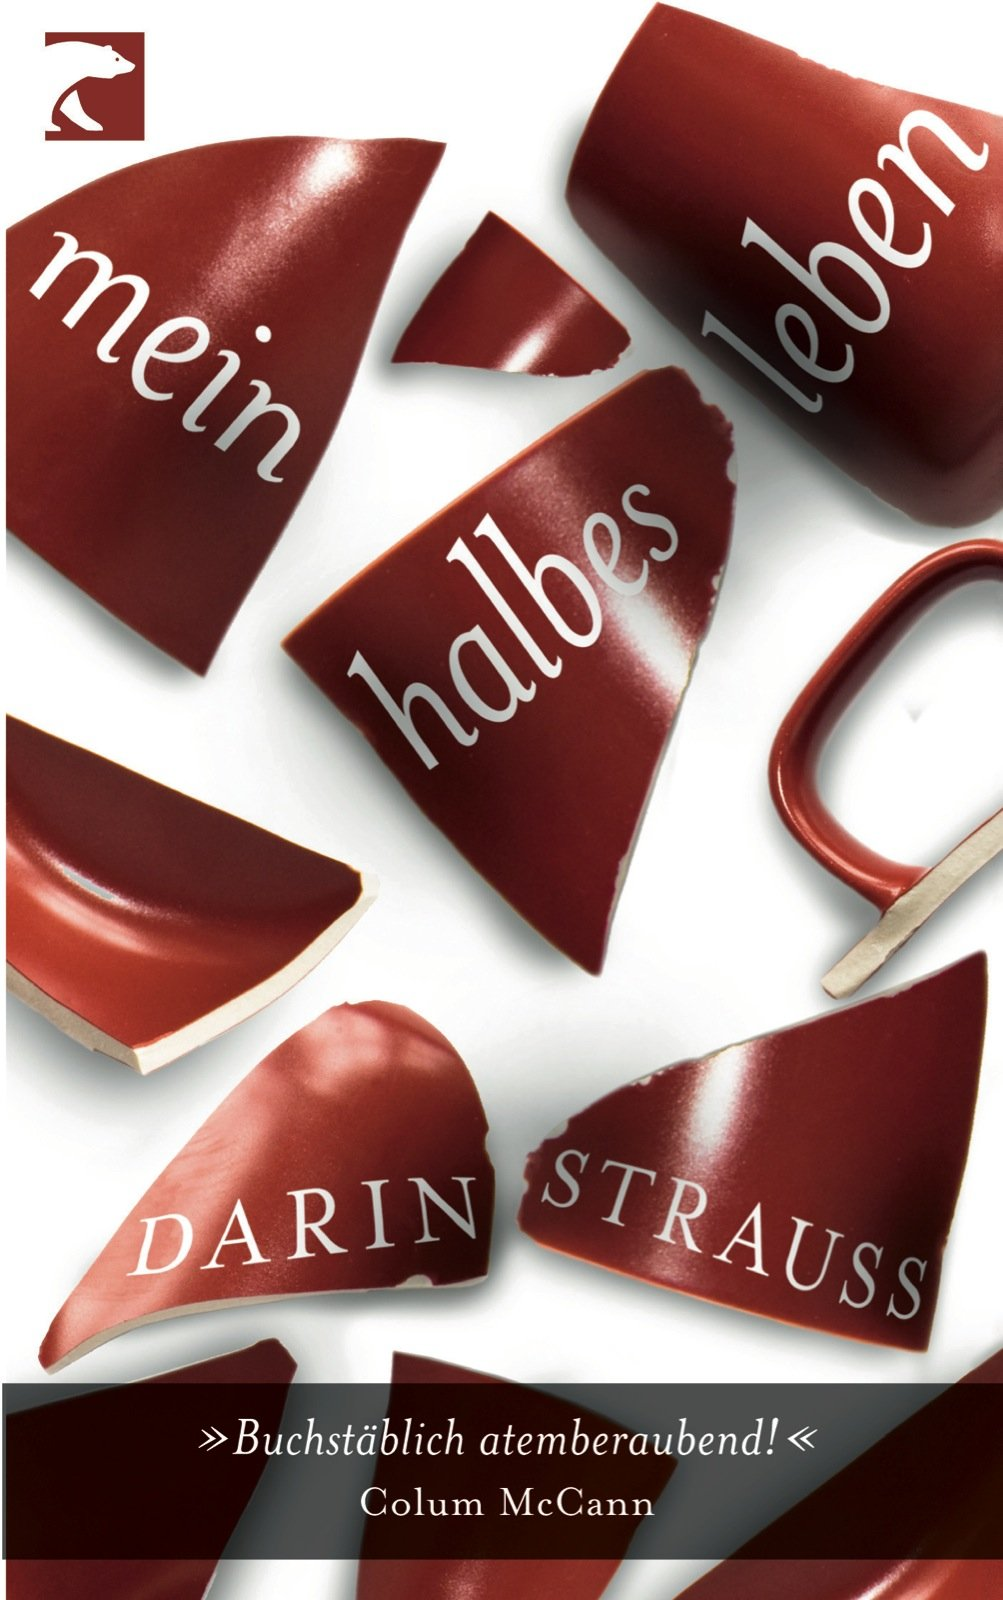 DarinStrauss_Cover.jpg